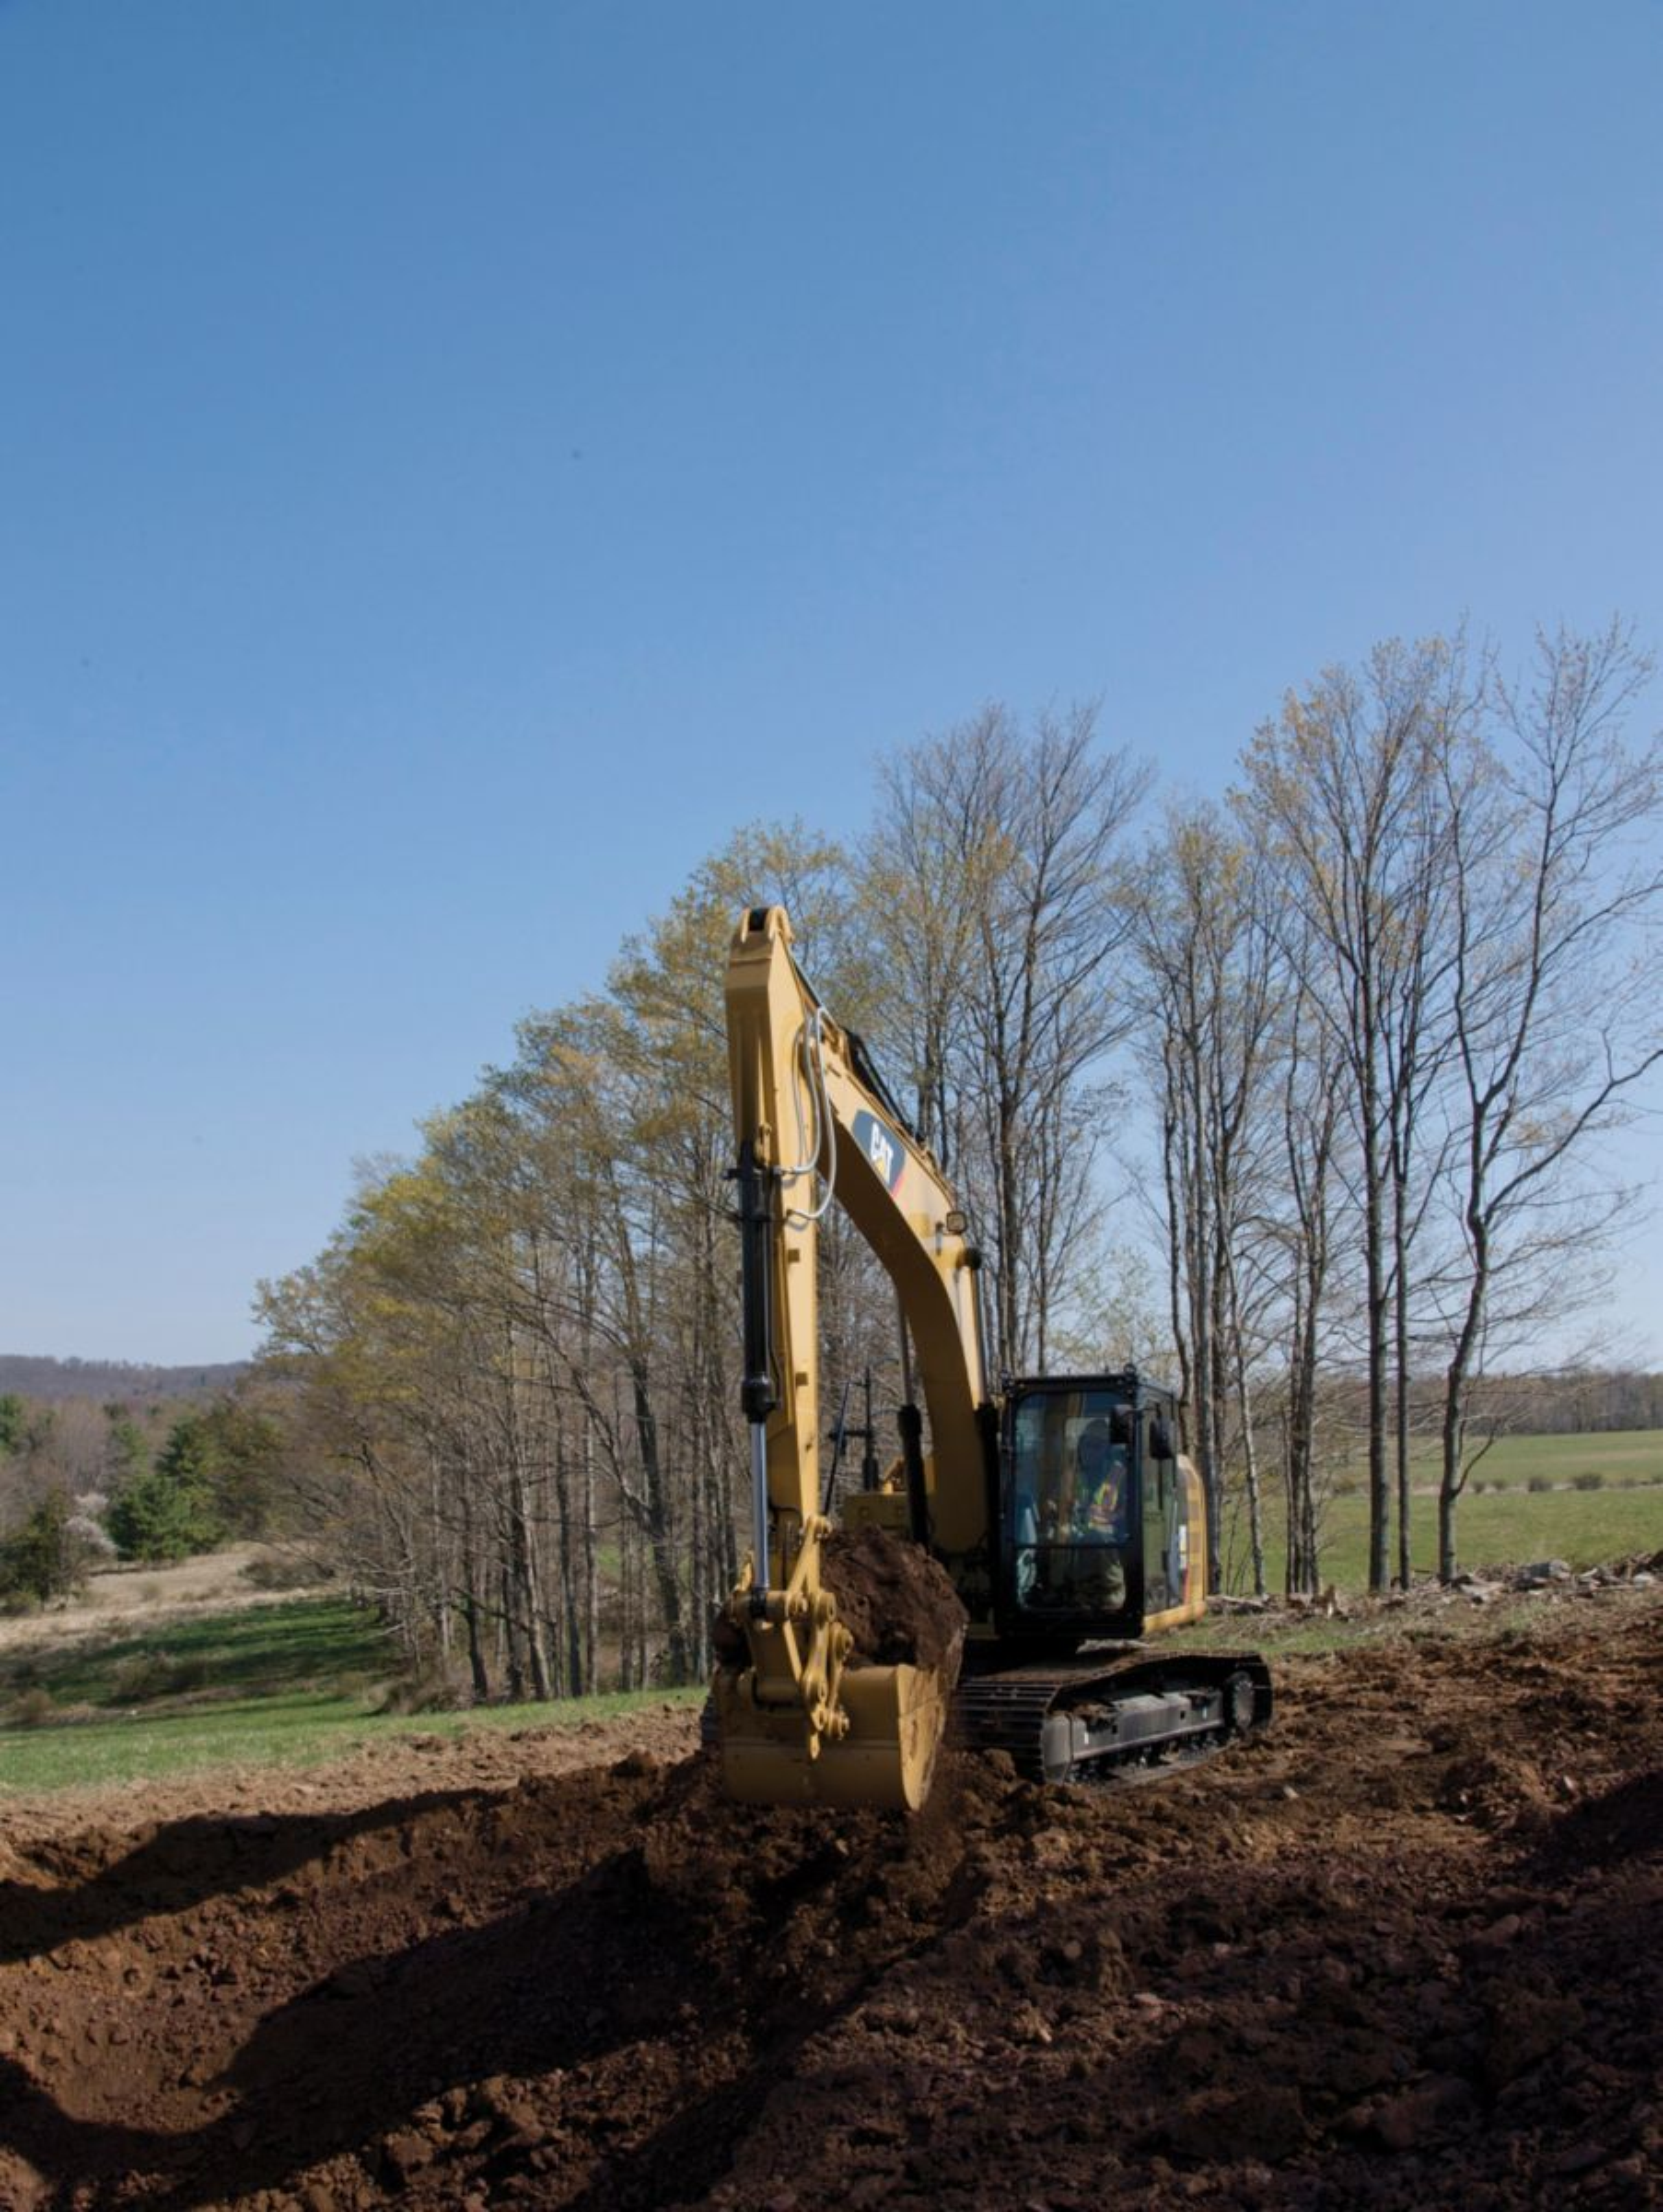 318F L Hydraulic Excavaor digging>